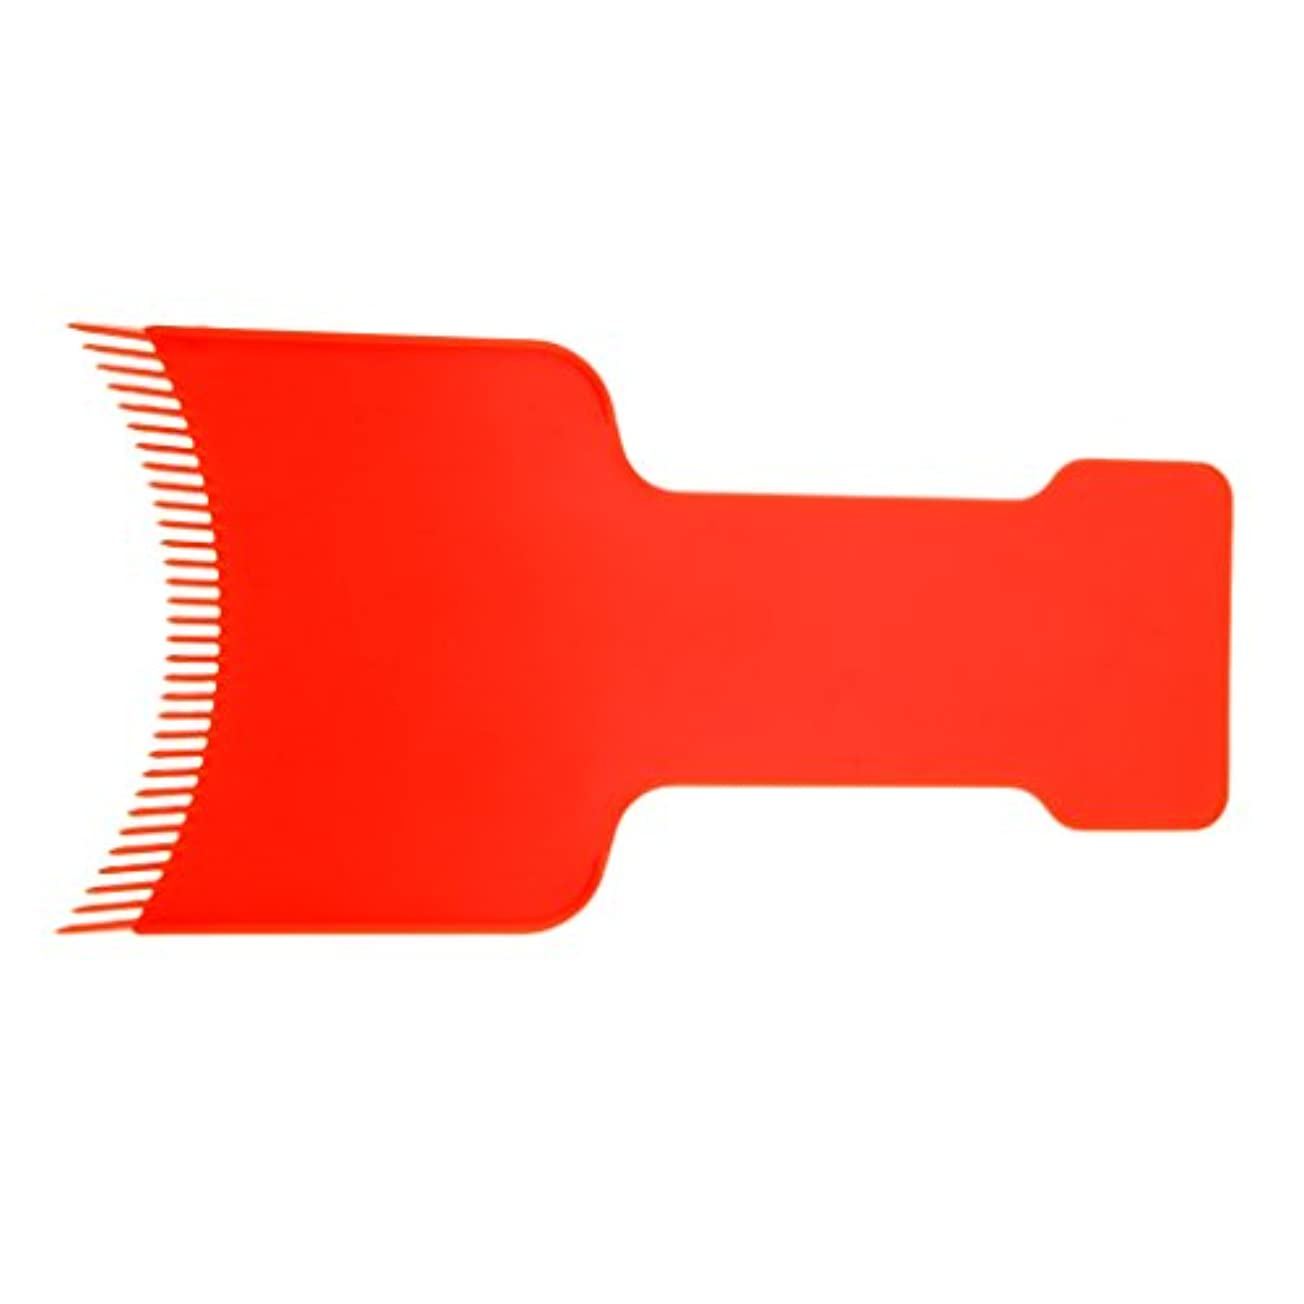 君主無声で同盟CUTICATE サロンヘアカラーボードヘアカラーティントプレート理髪美容美容 健康